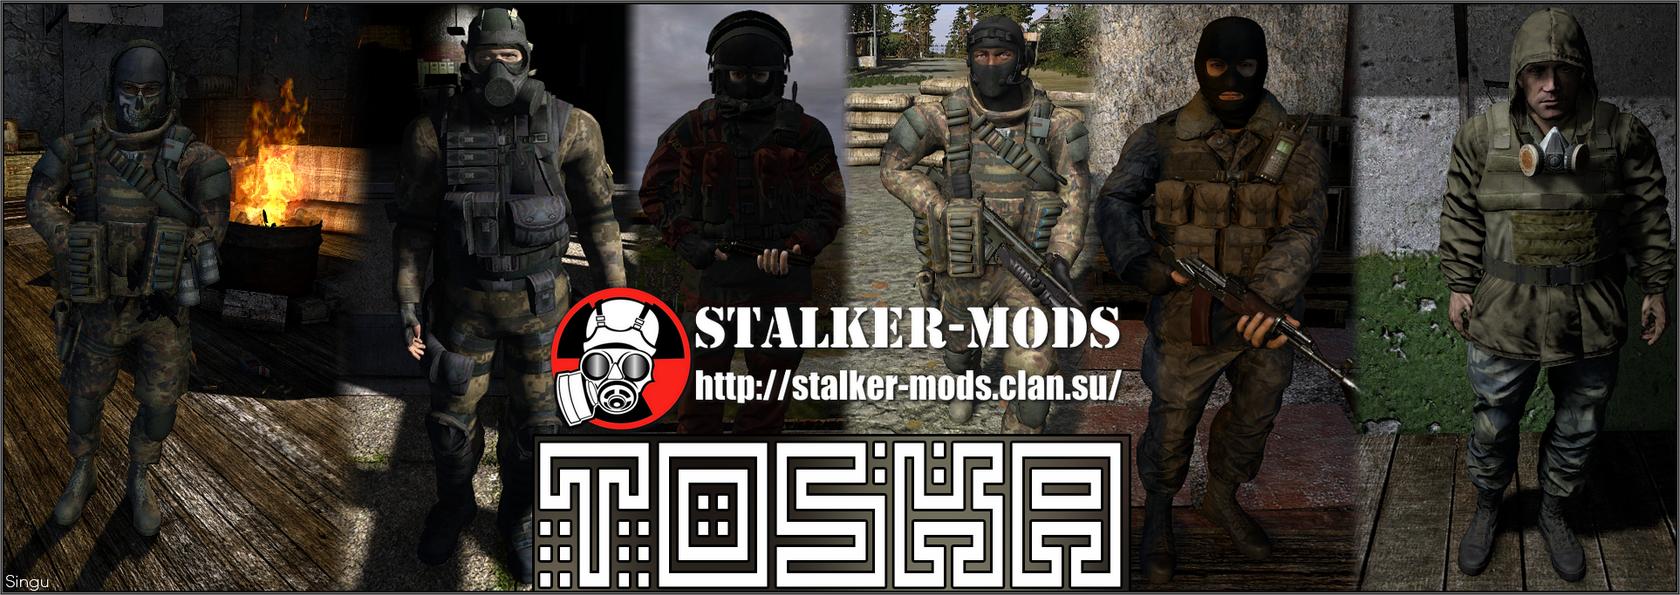 TOSKA HD-MODELS 1.0